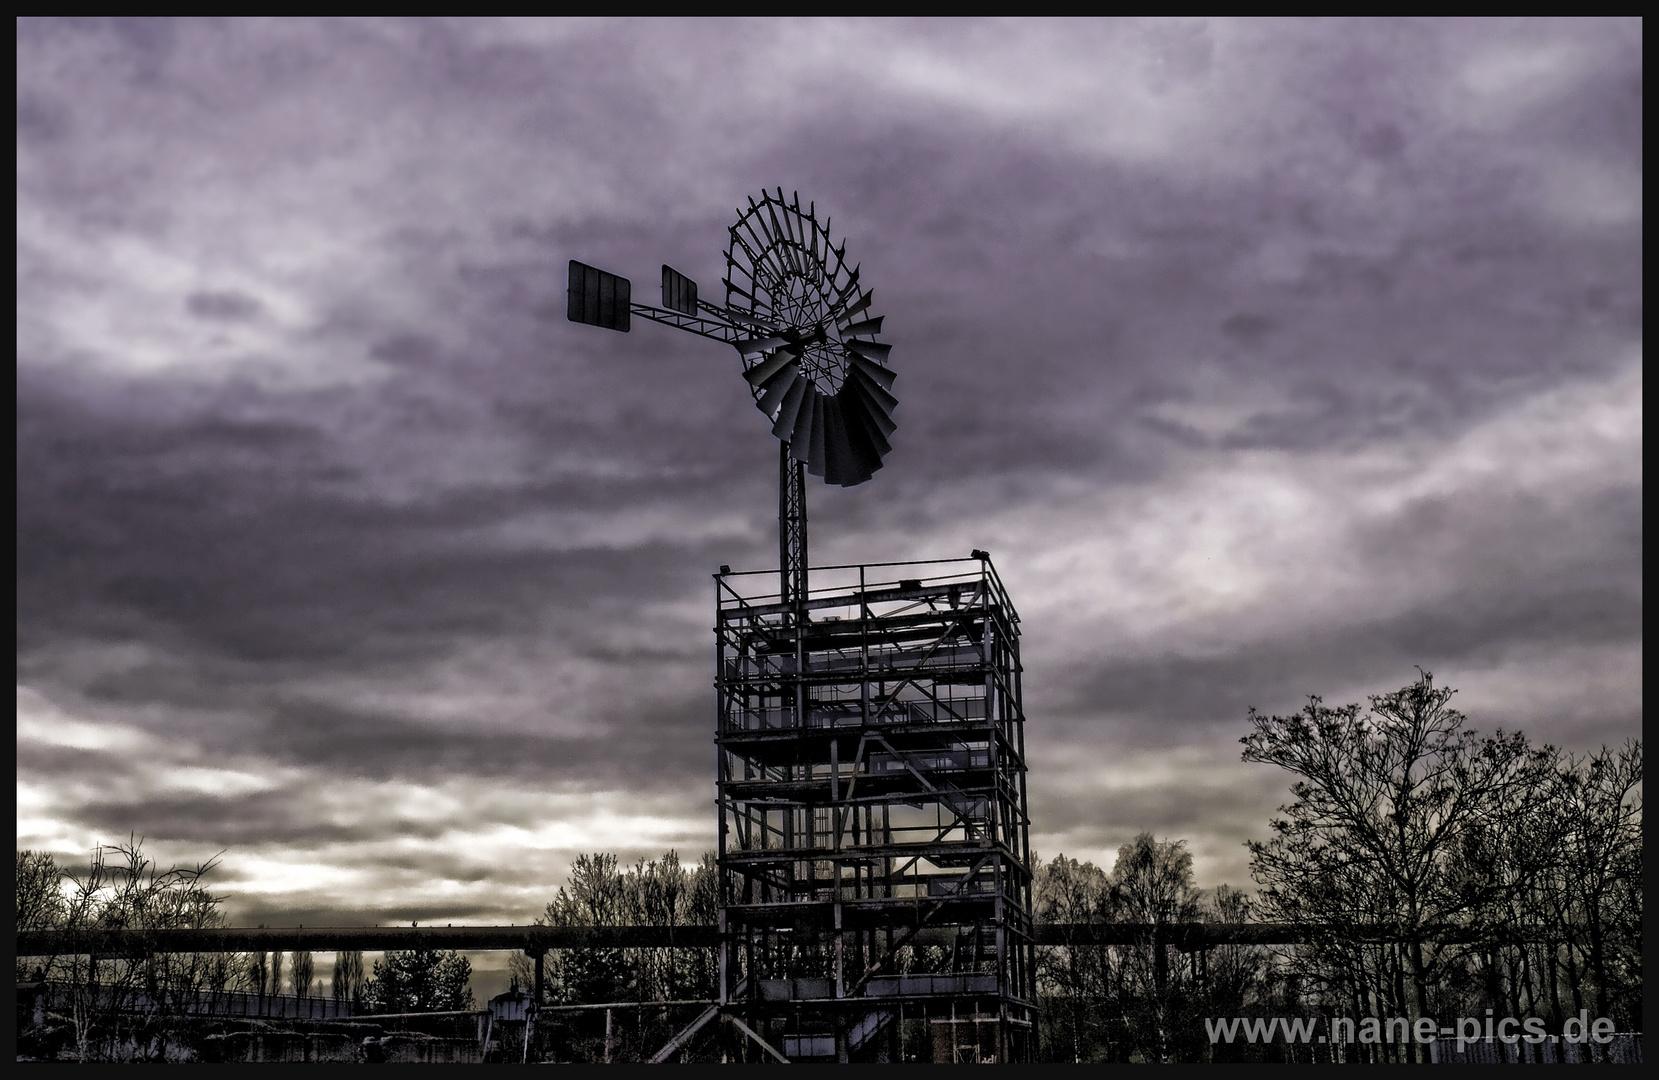 Windenergie im Dunkeln